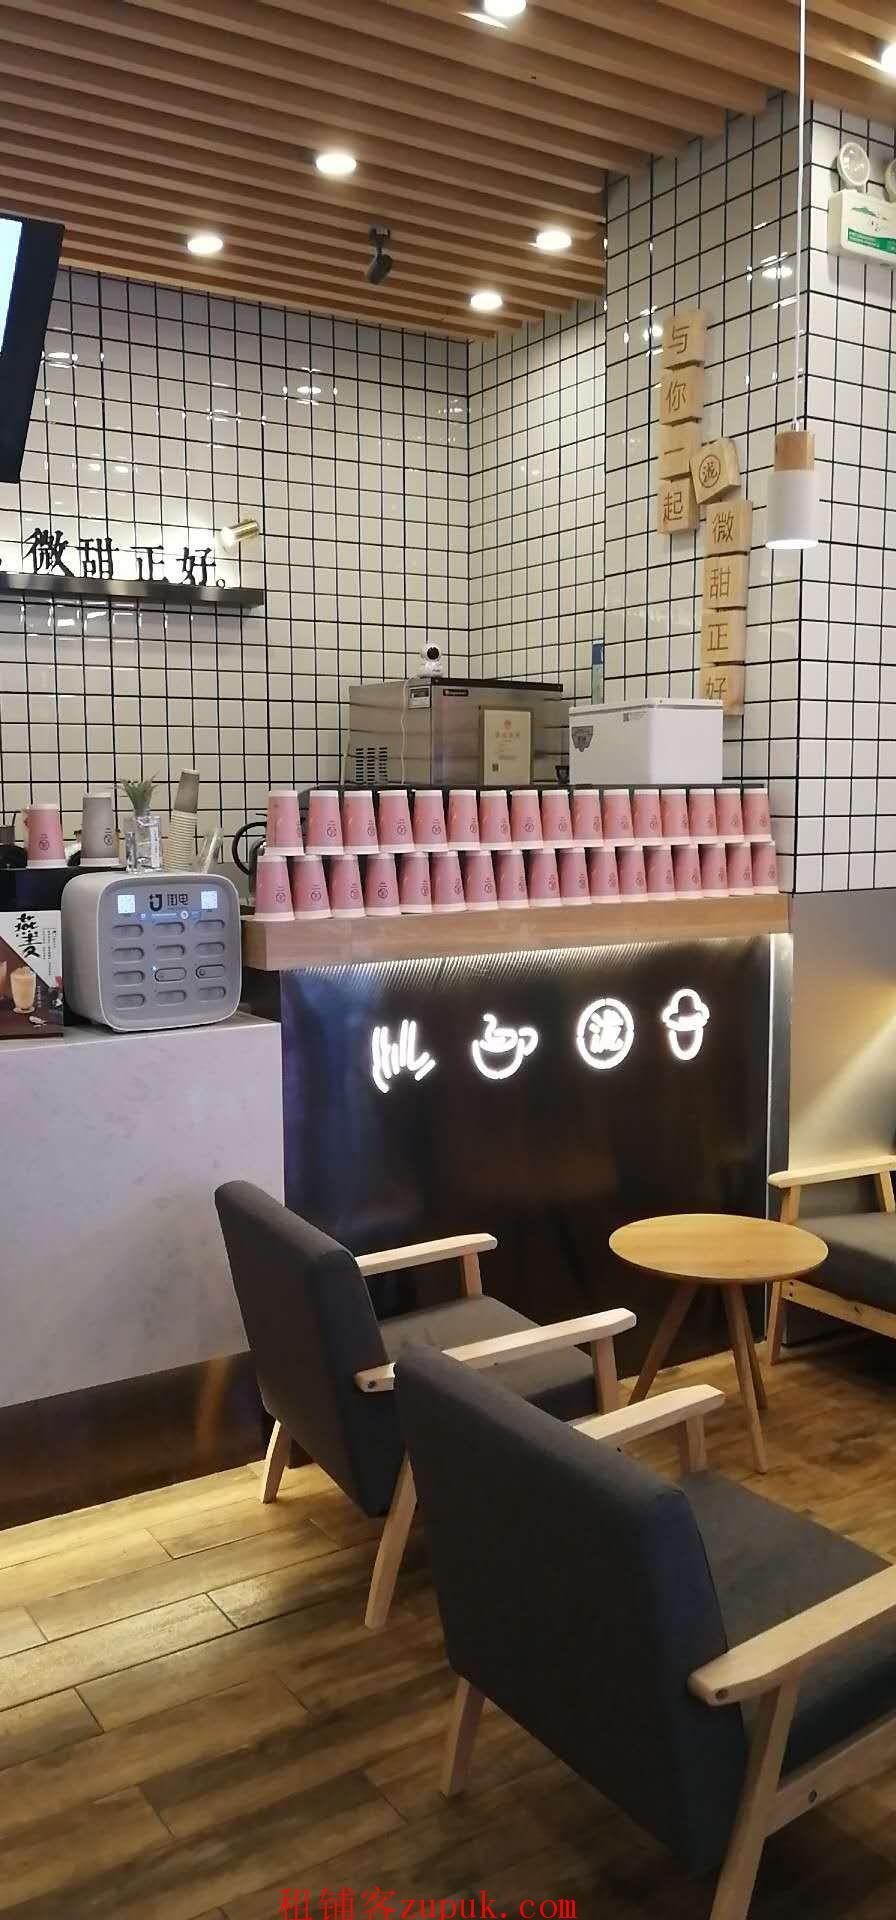 (转让) 品牌奶茶店万商场内有稳定客源设备整体转让